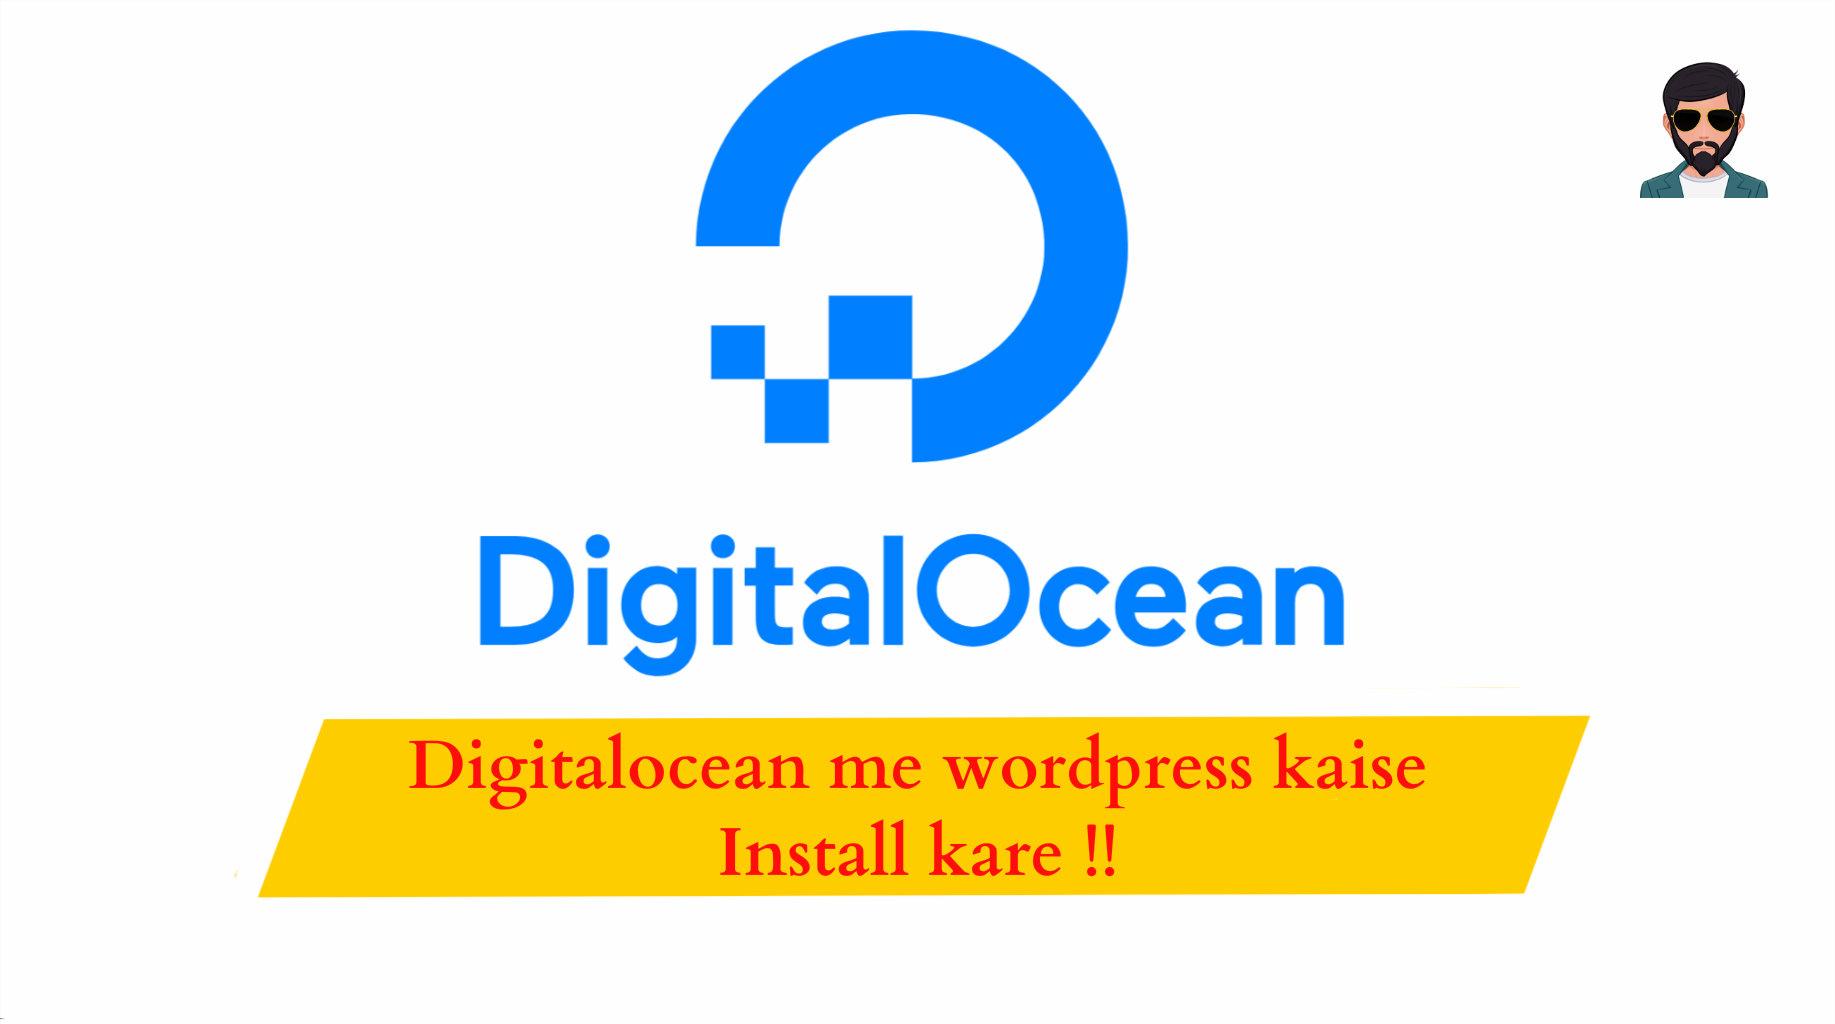 Digitalocean me wordpress kaise Install kare !!